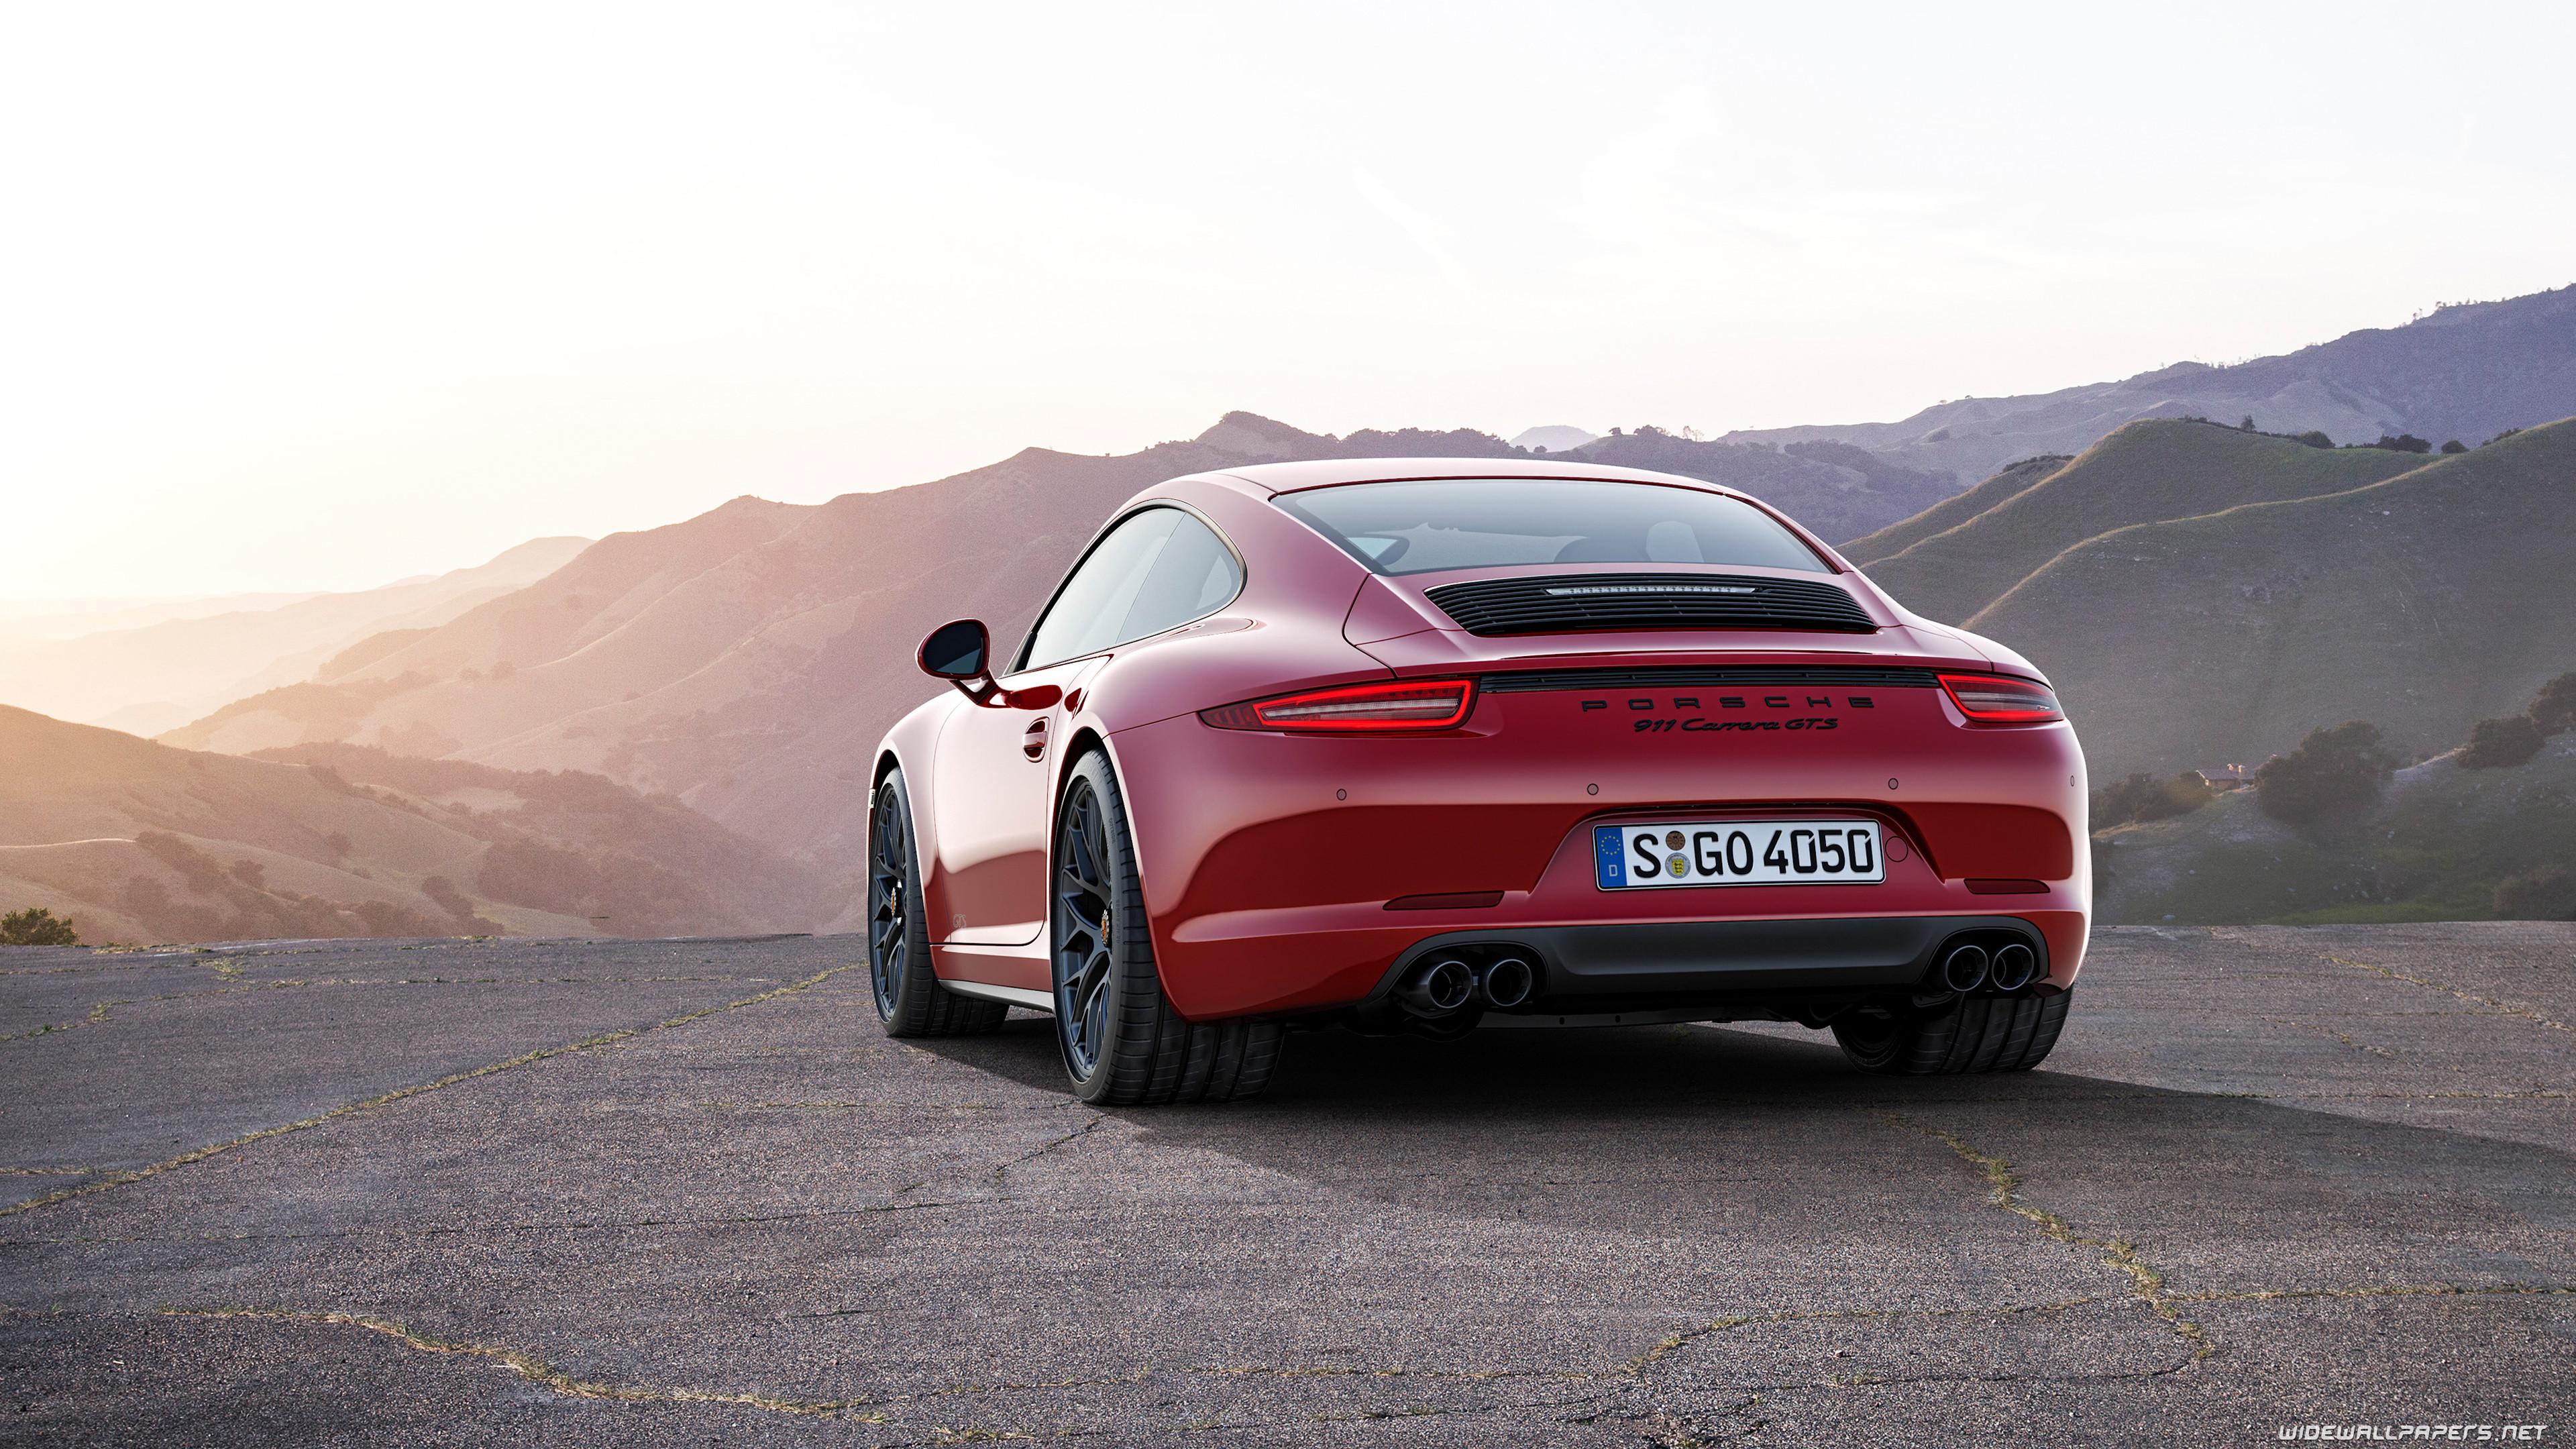 3840x2160 Porsche 911 Carrera GTS Cabriolet Car Wallpapers .